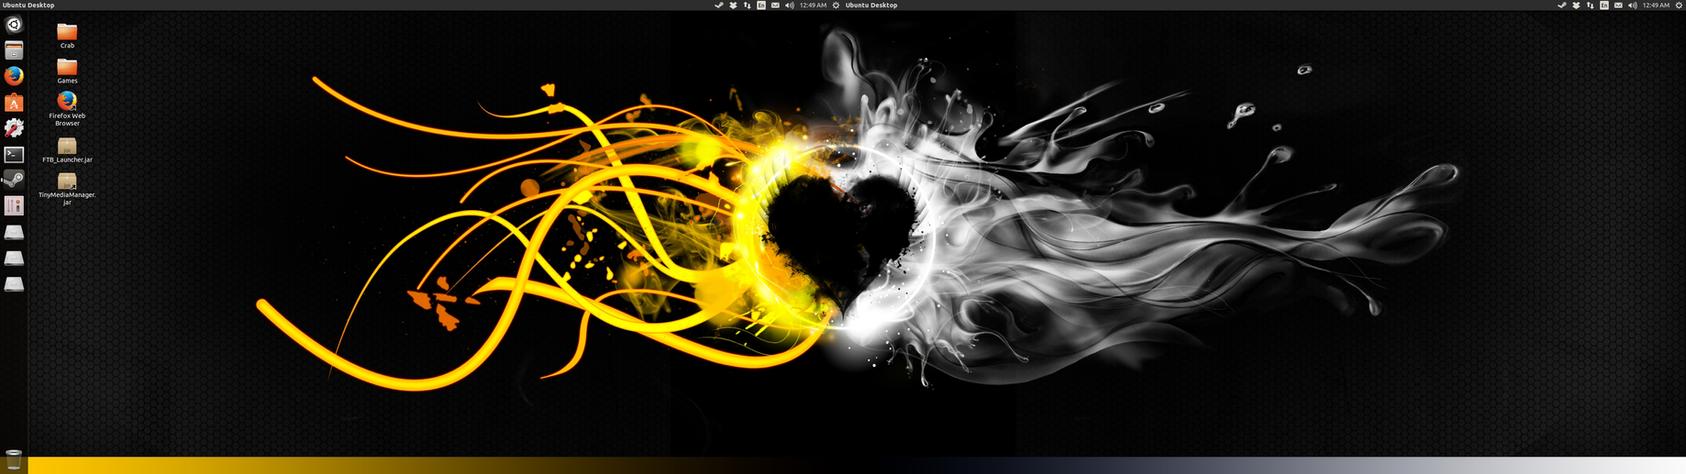 December Desktop by Monkeyshack